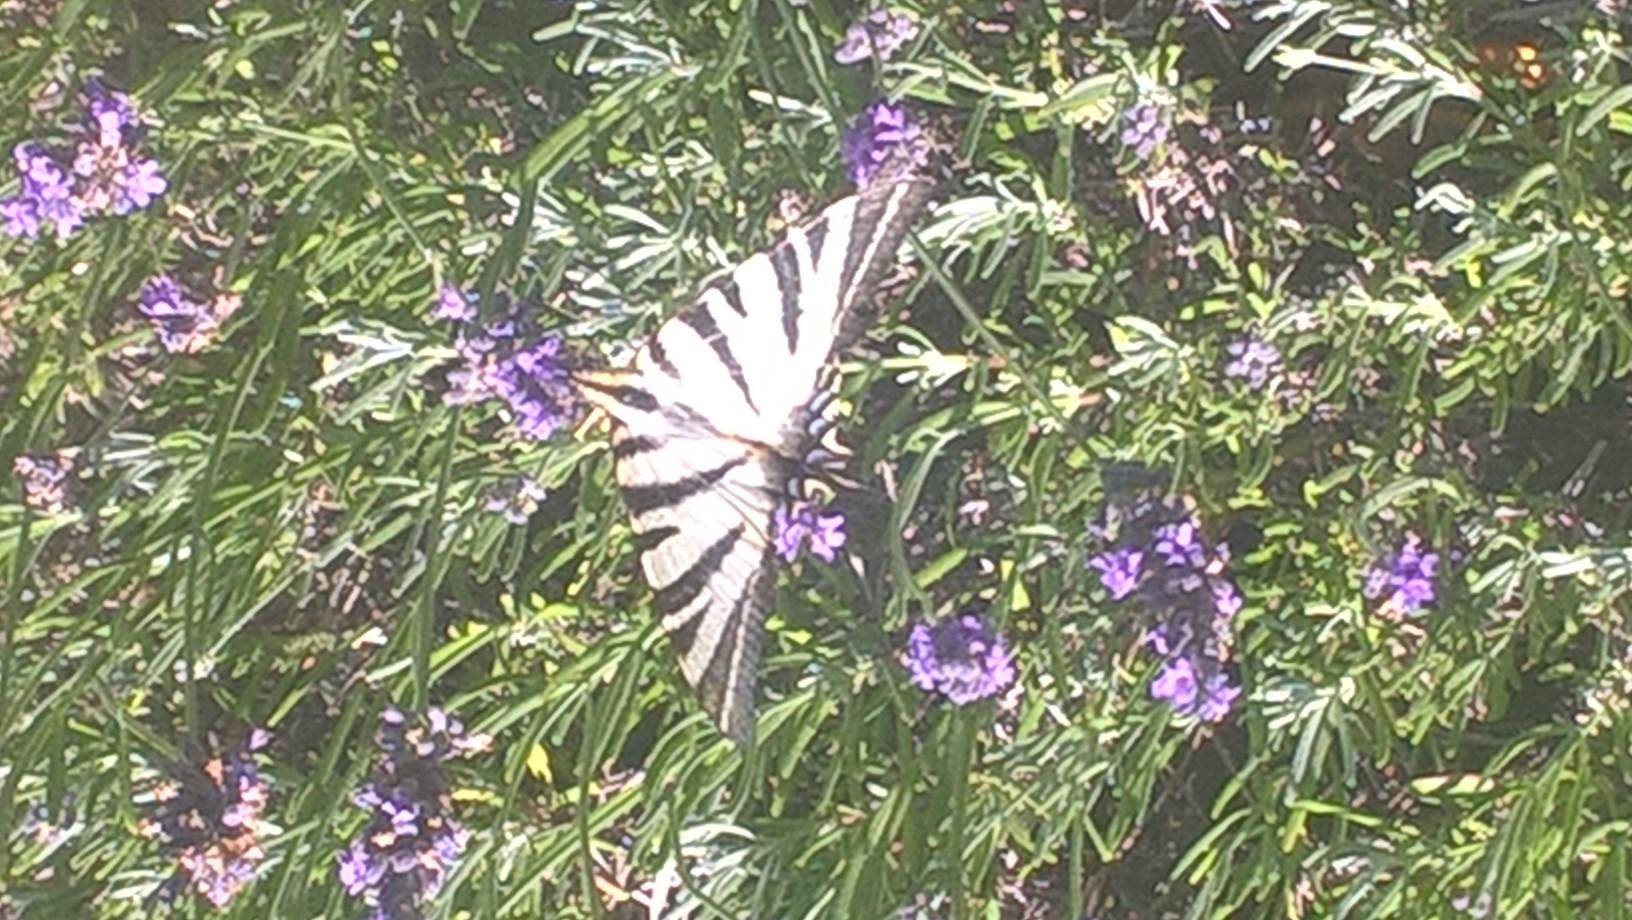 papillon Iphielides podalirius (falmbé) sur lavande